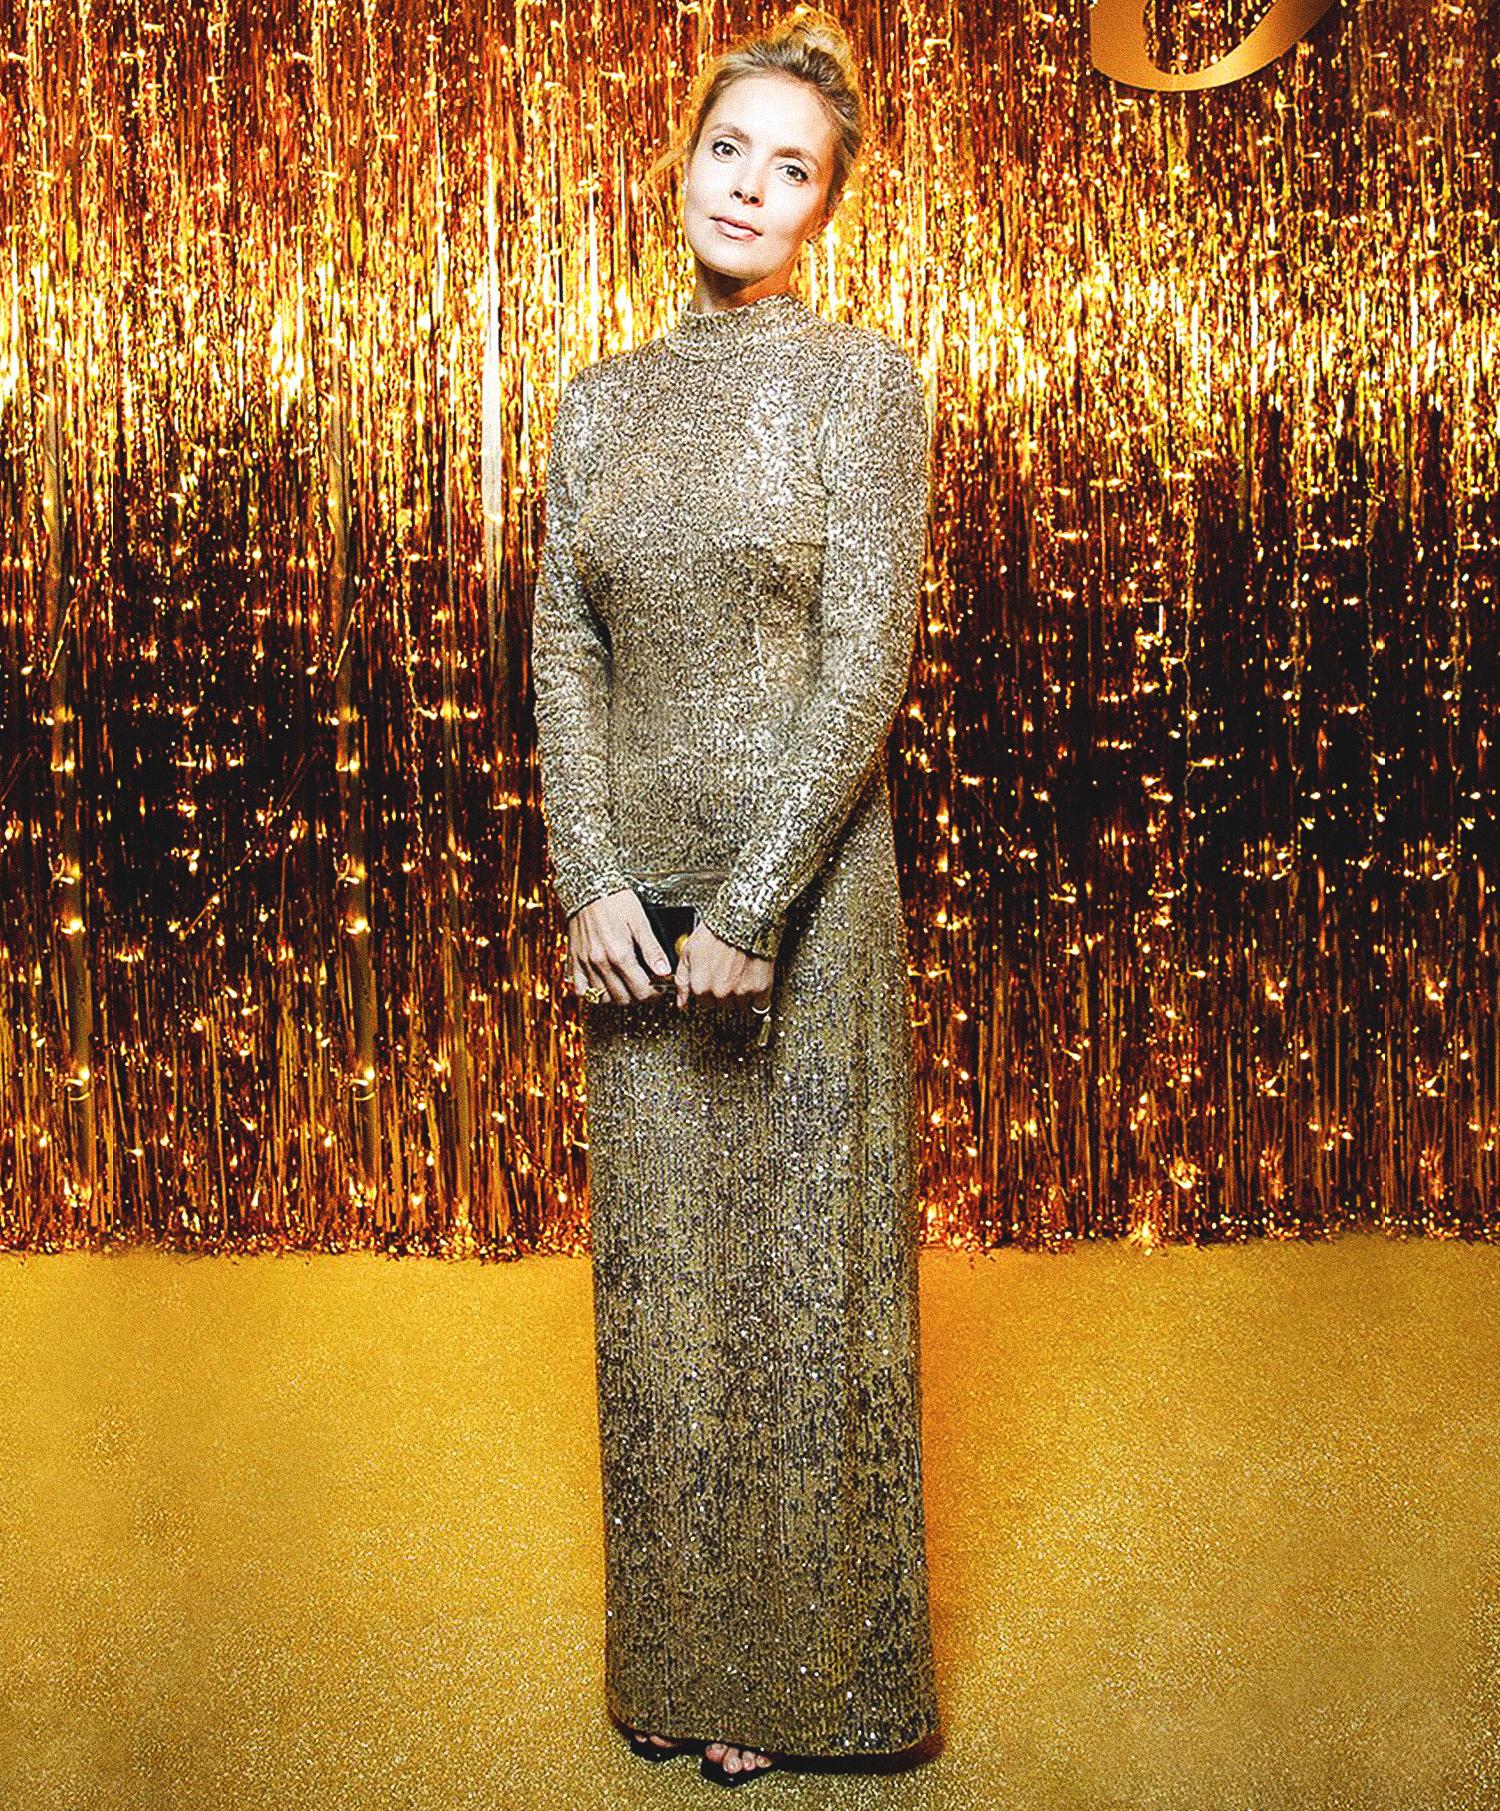 Виктория Манасир в платье A LA RUSSE by Anastasia Romantsova из коллекции FW19 на ужине Mercury